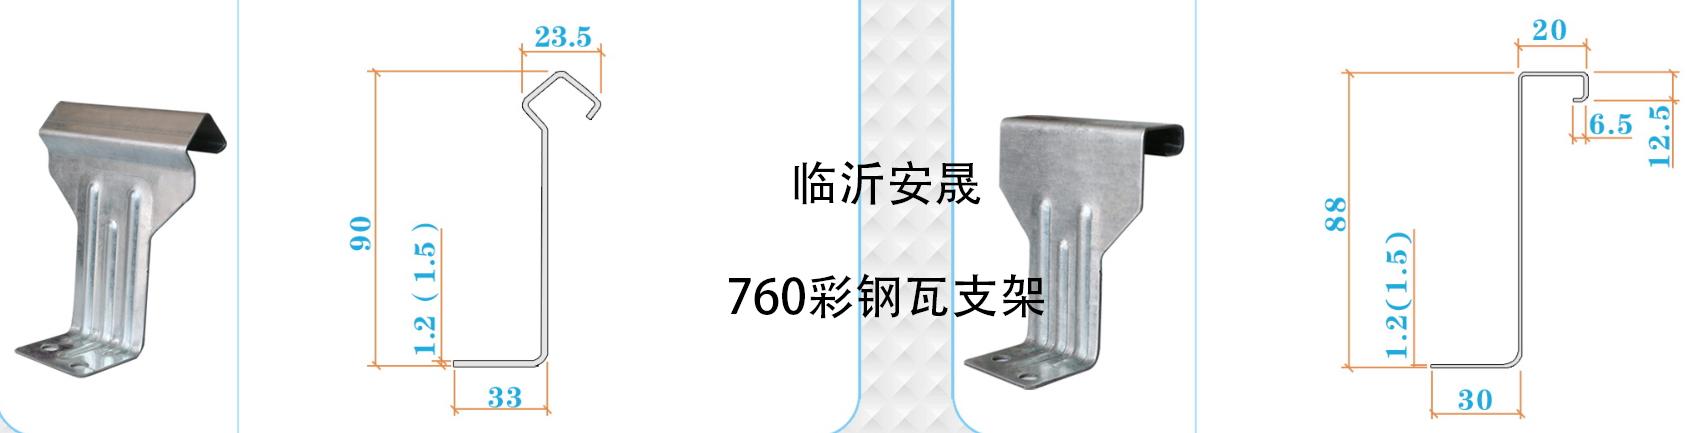 山东临沂彩钢瓦镀锌支座批发价 欢迎咨询 临沂安晟防水材料供应